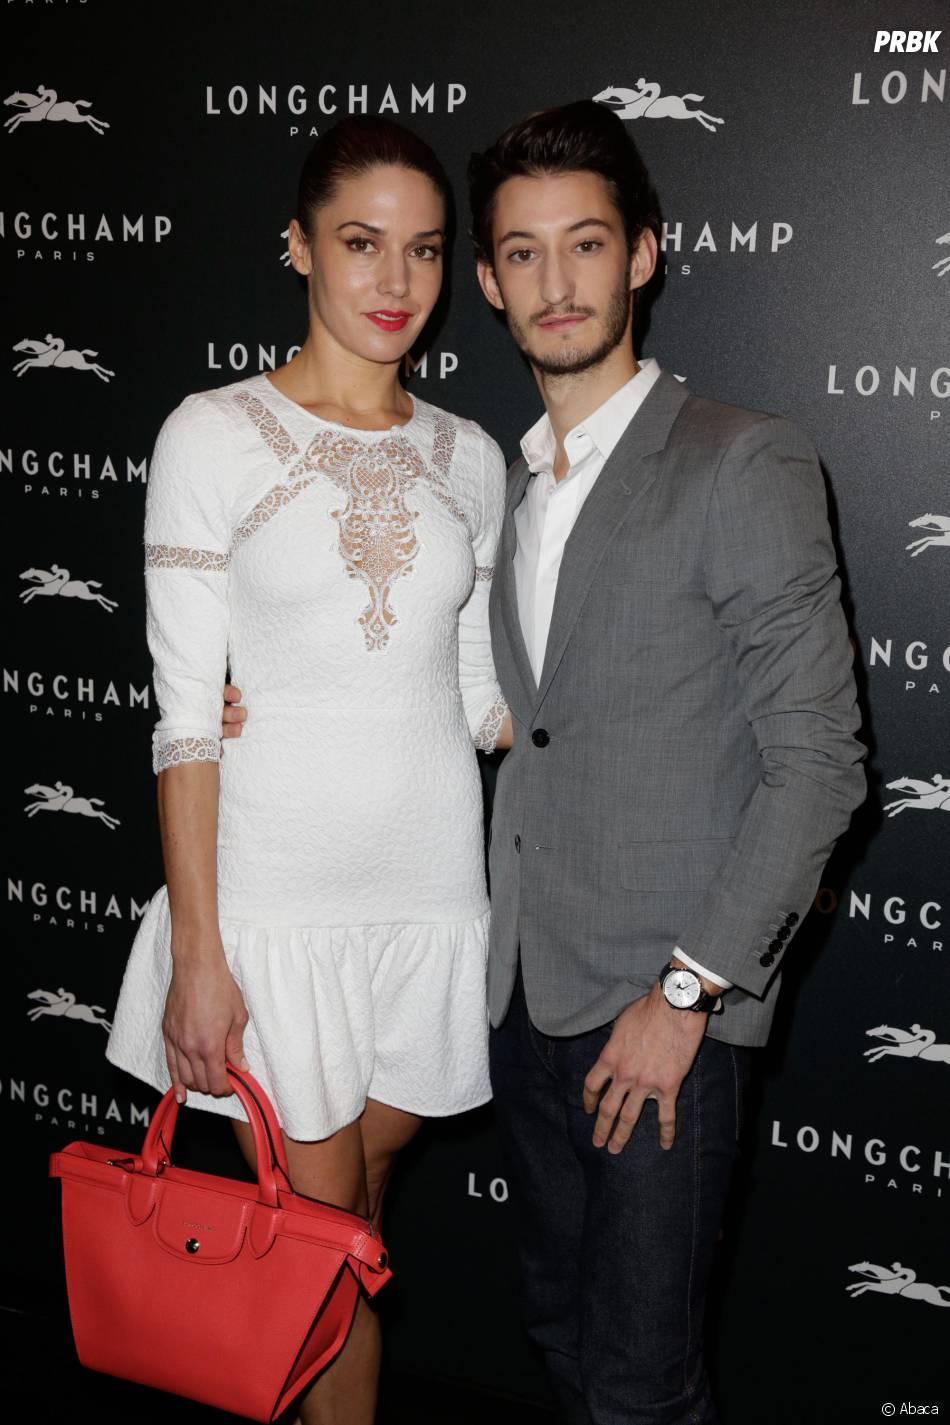 Pierre Niney et sa compagne à l'ouverture de la boutique Longchamp sur les Champs Elysées à Paris, le 4 décembre 2014